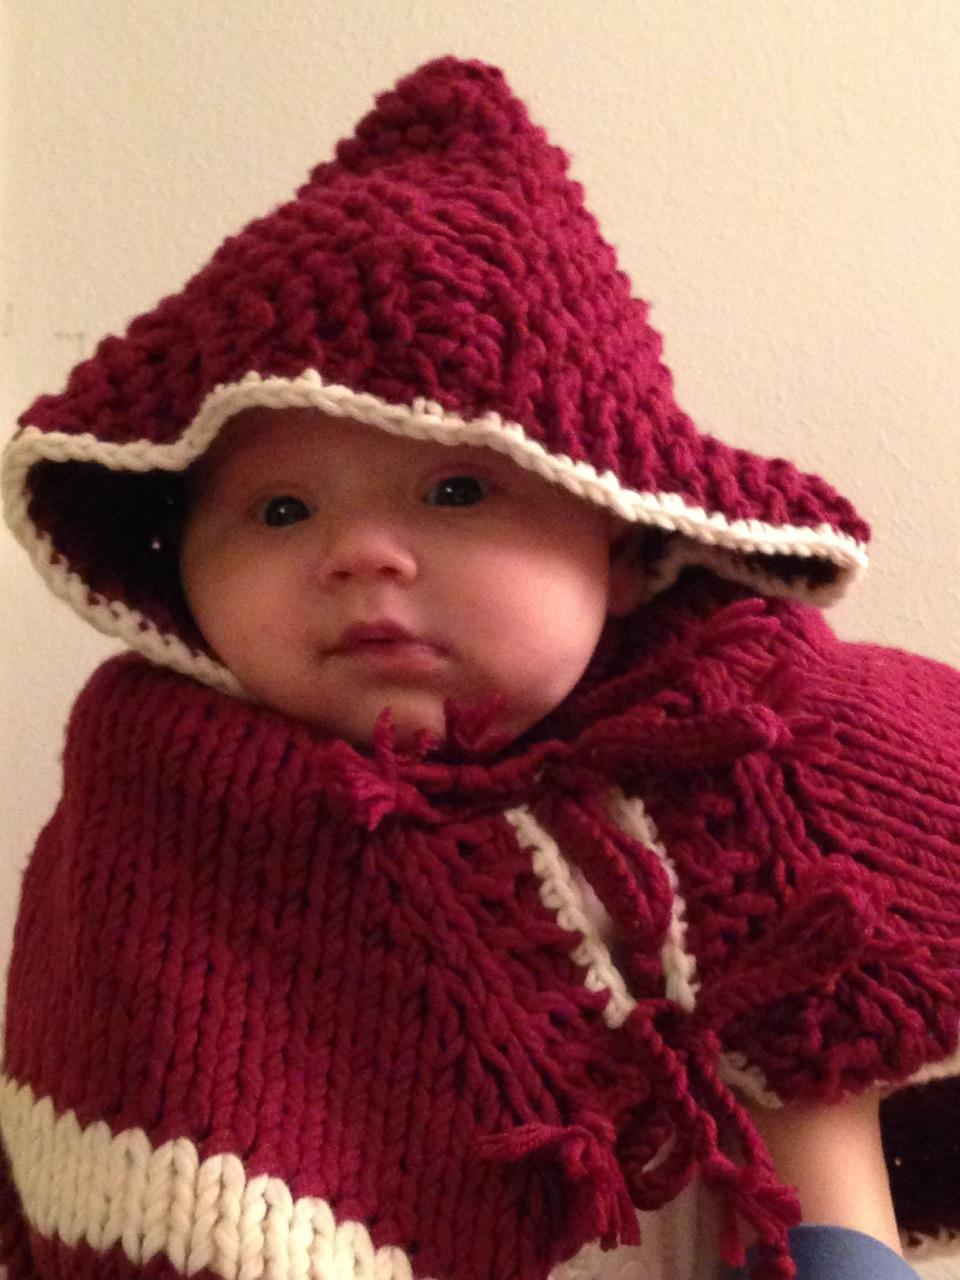 Es war einmal ein Rotkäppchen: Babycape stricken | Neues vom Bastelschaf